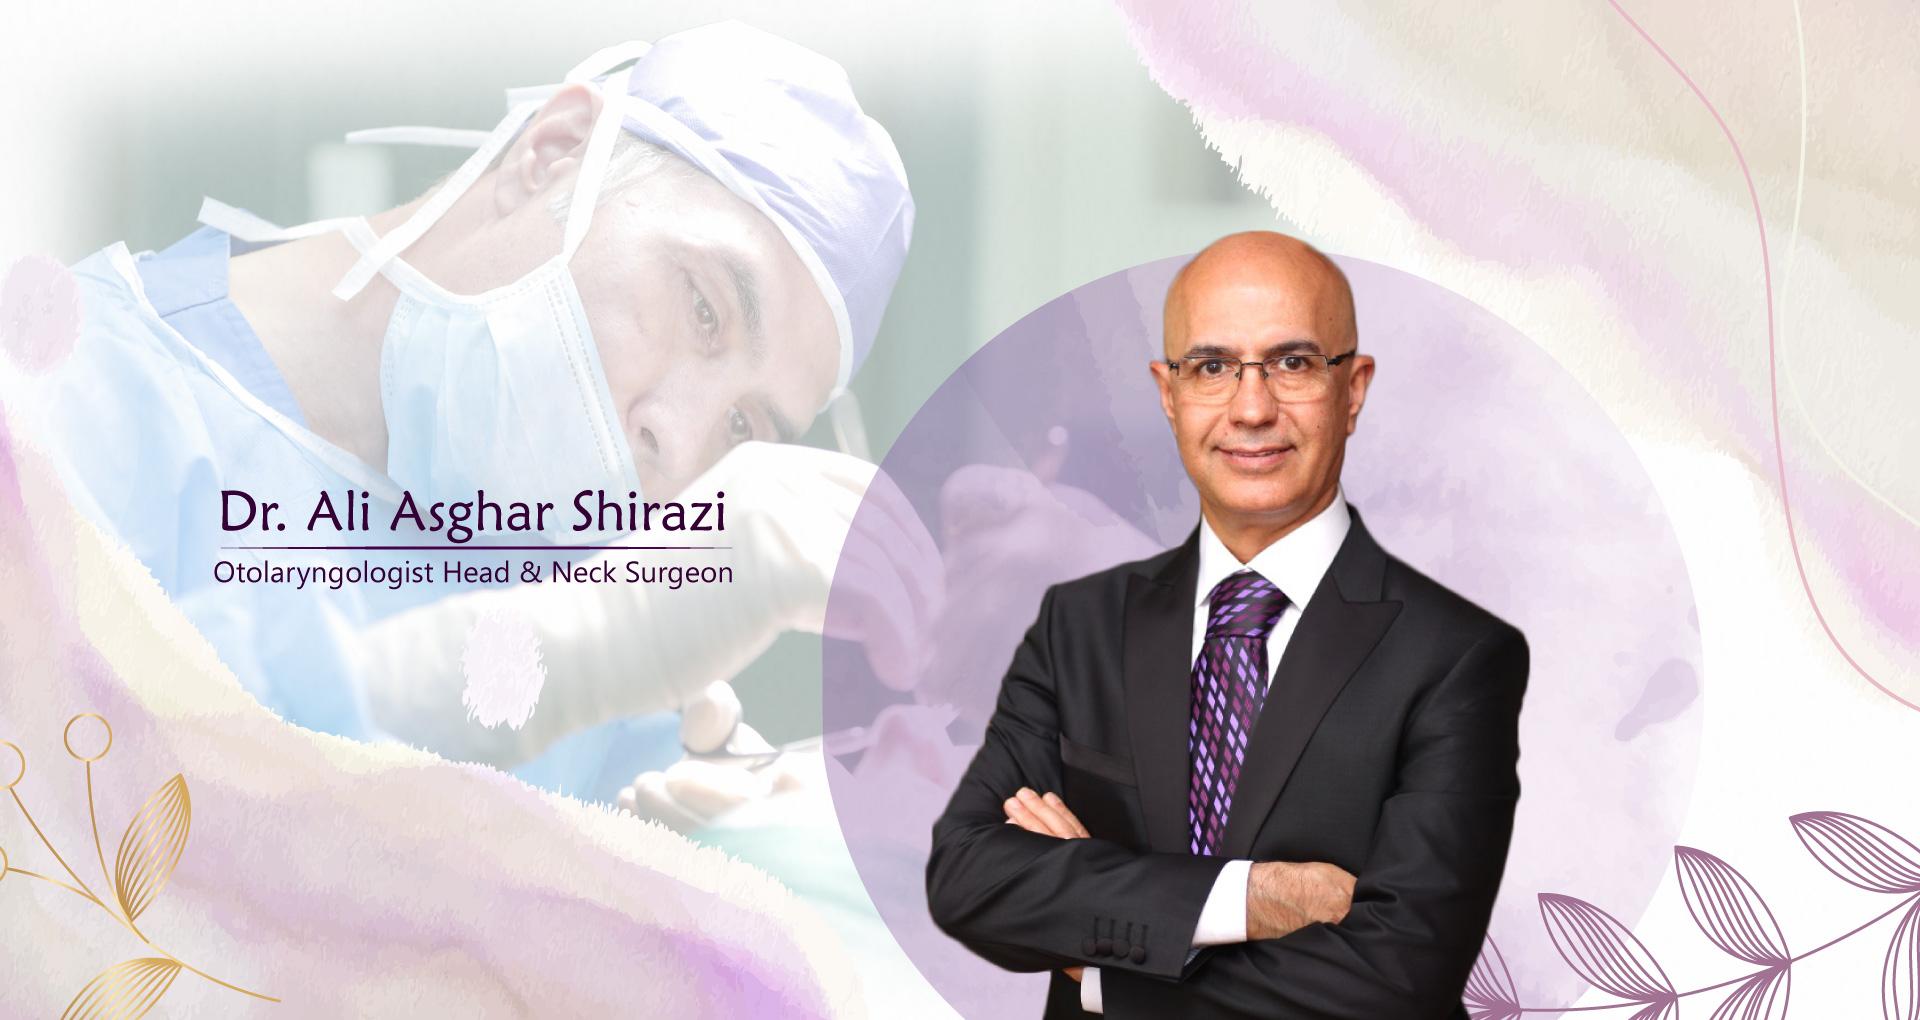 بنری با عکس دکتر شیرازی